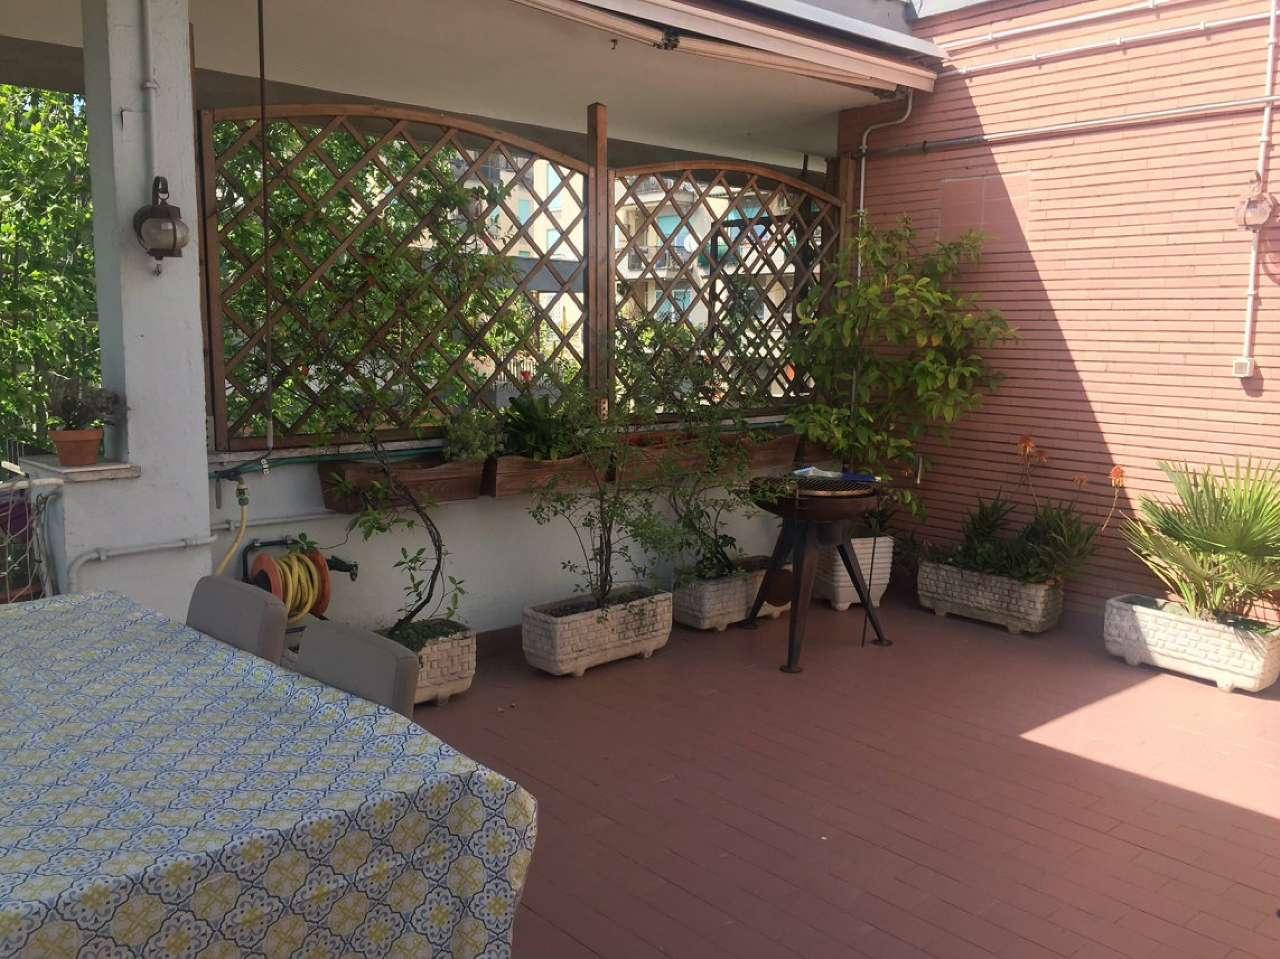 Attico / Mansarda in vendita a Roma, 3 locali, zona Zona: 23 . Portuense - Magliana, prezzo € 379.000   CambioCasa.it